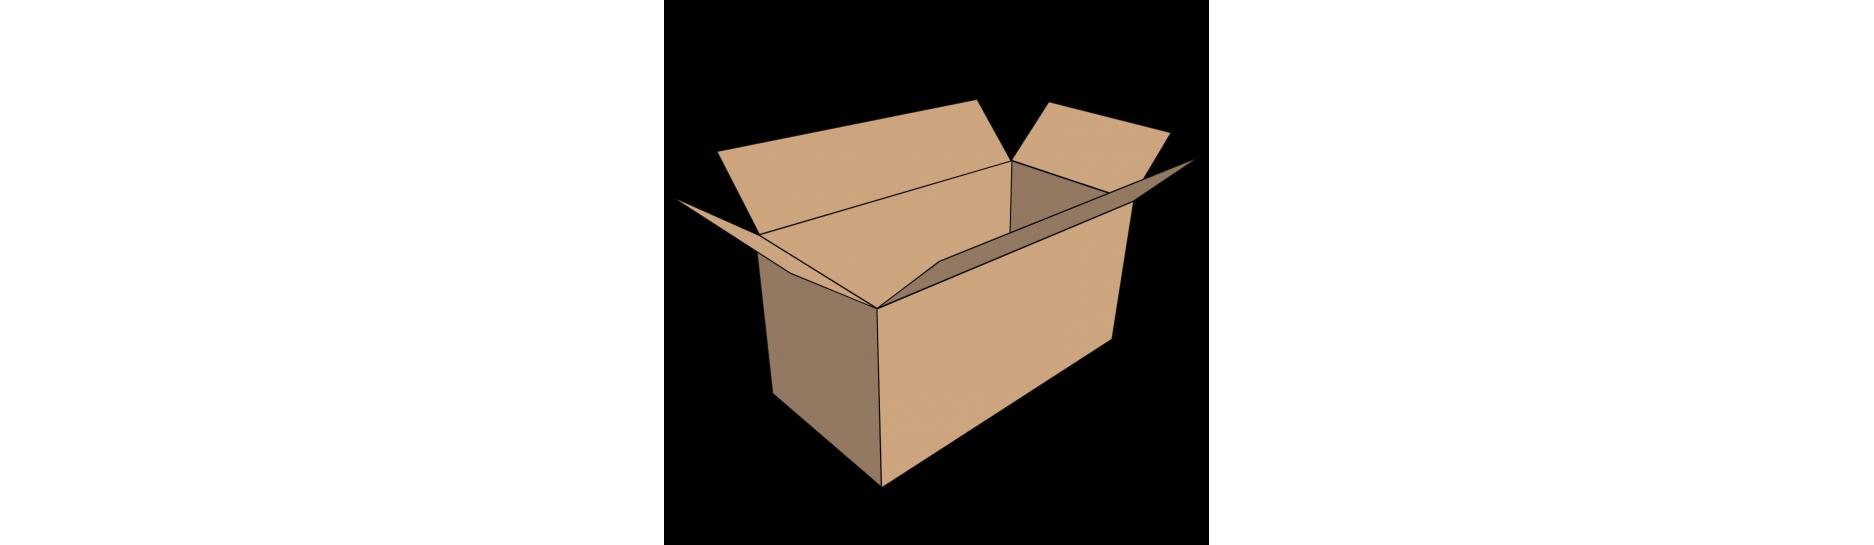 Kartonové boxy z pětivrstvé lepenky (5VVL) jsou velice pevné a skvěle vám poslouží jako obalový materiál větších zásilek. Jsou vhodné jak pro přepravu středně těžkého produktu, tak i pro výborné skladování zboží.